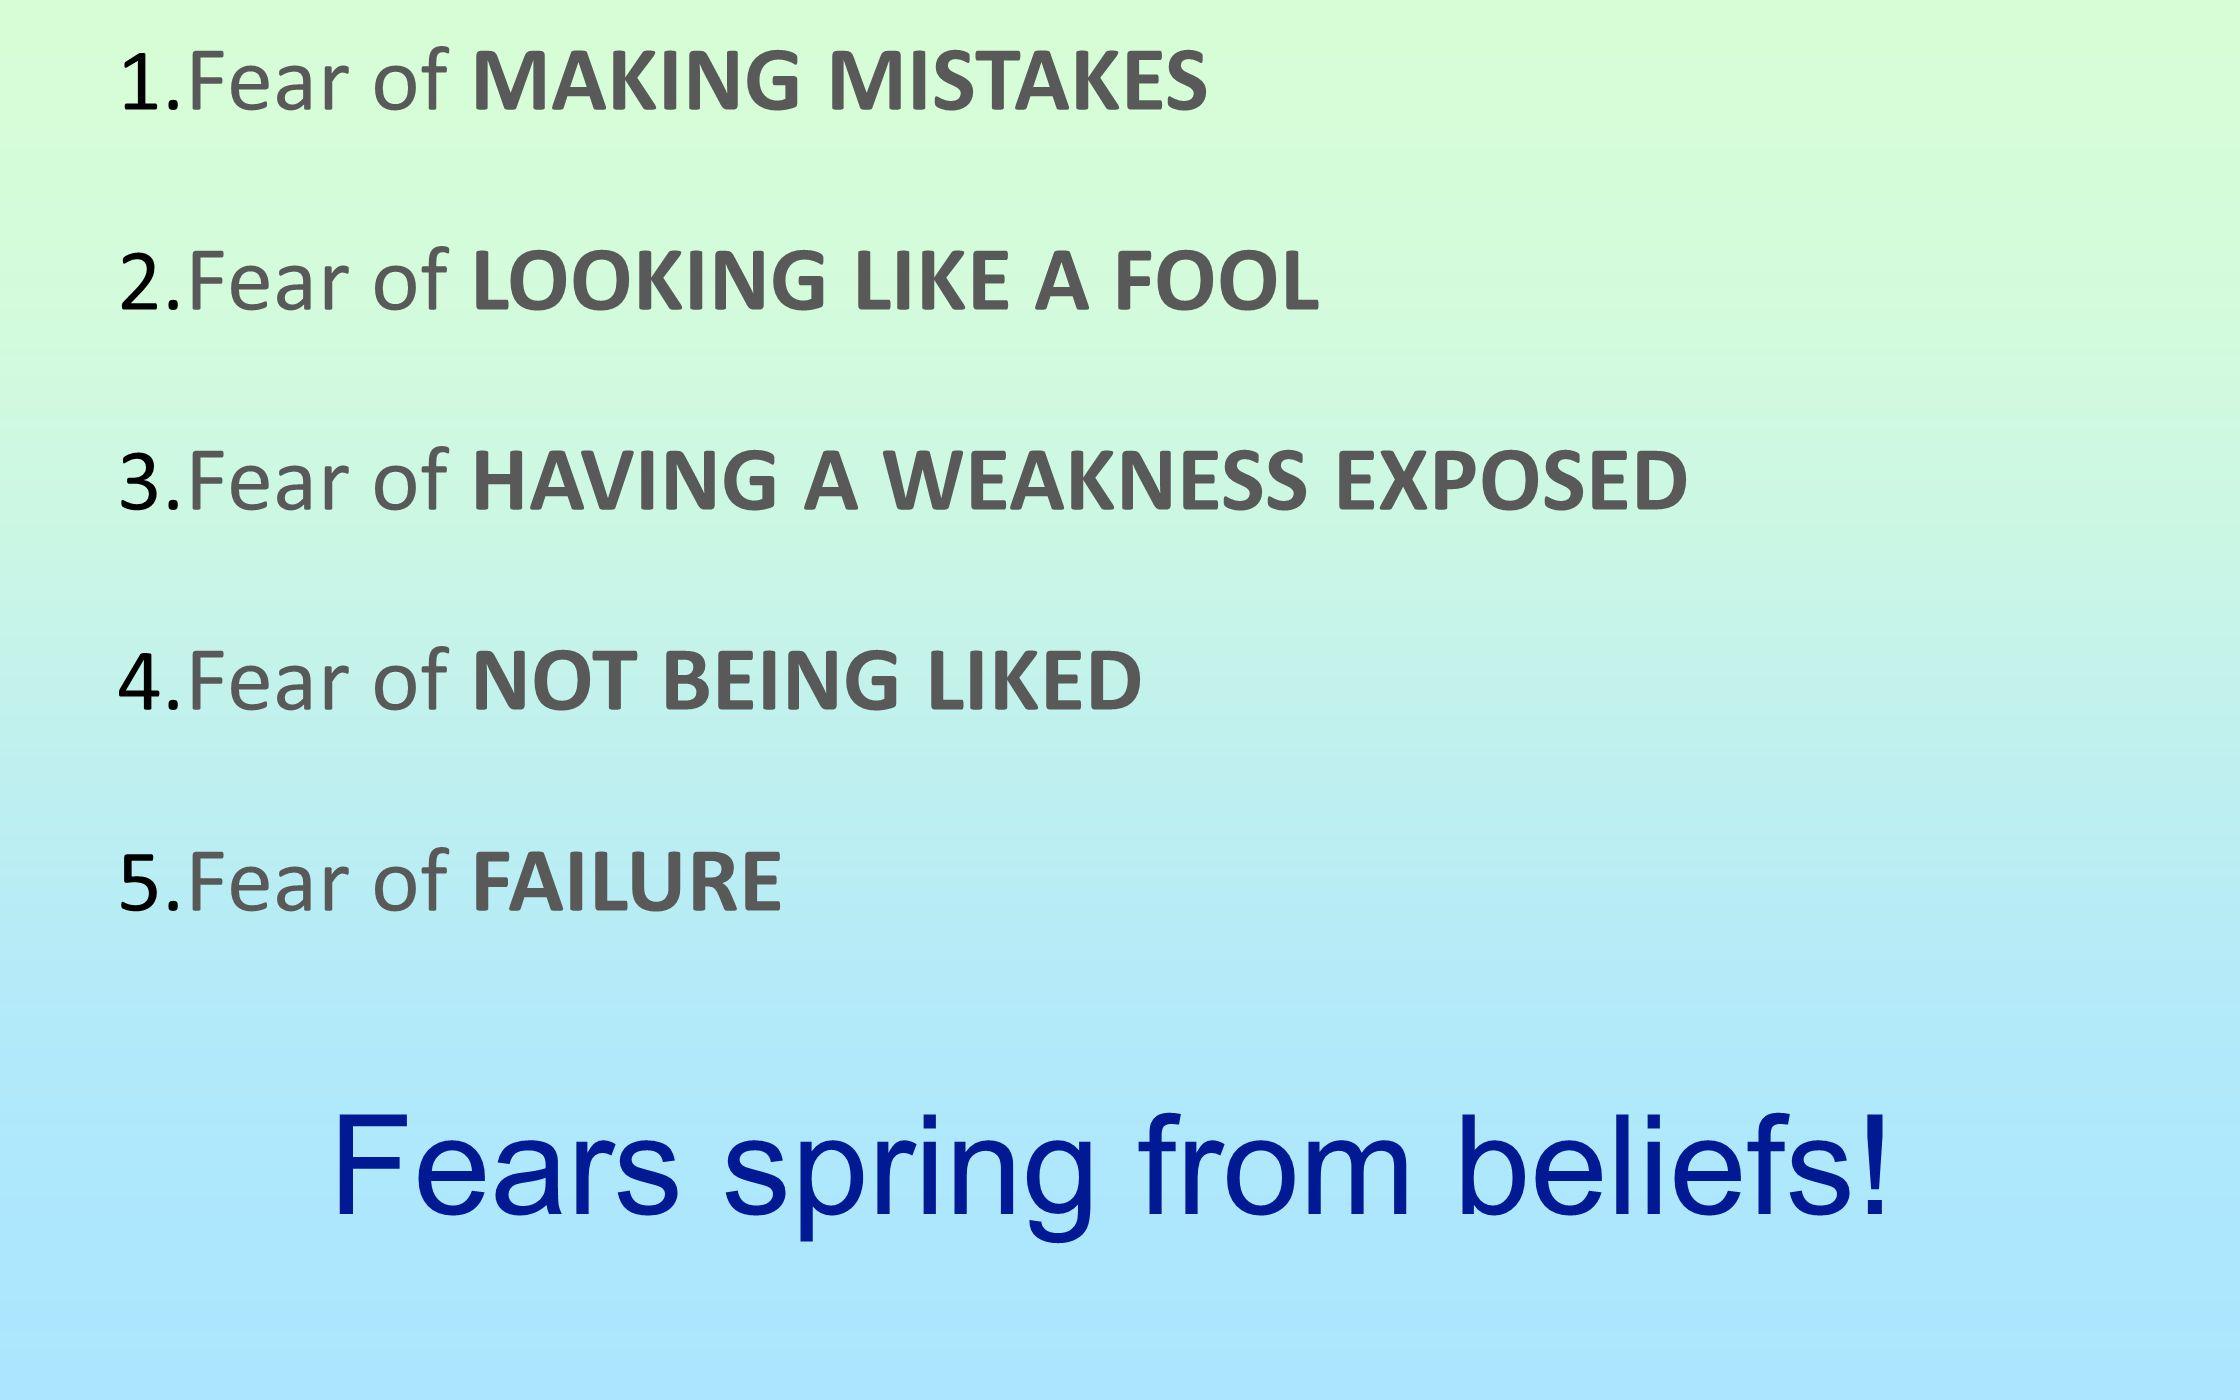 Fears spring from beliefs!